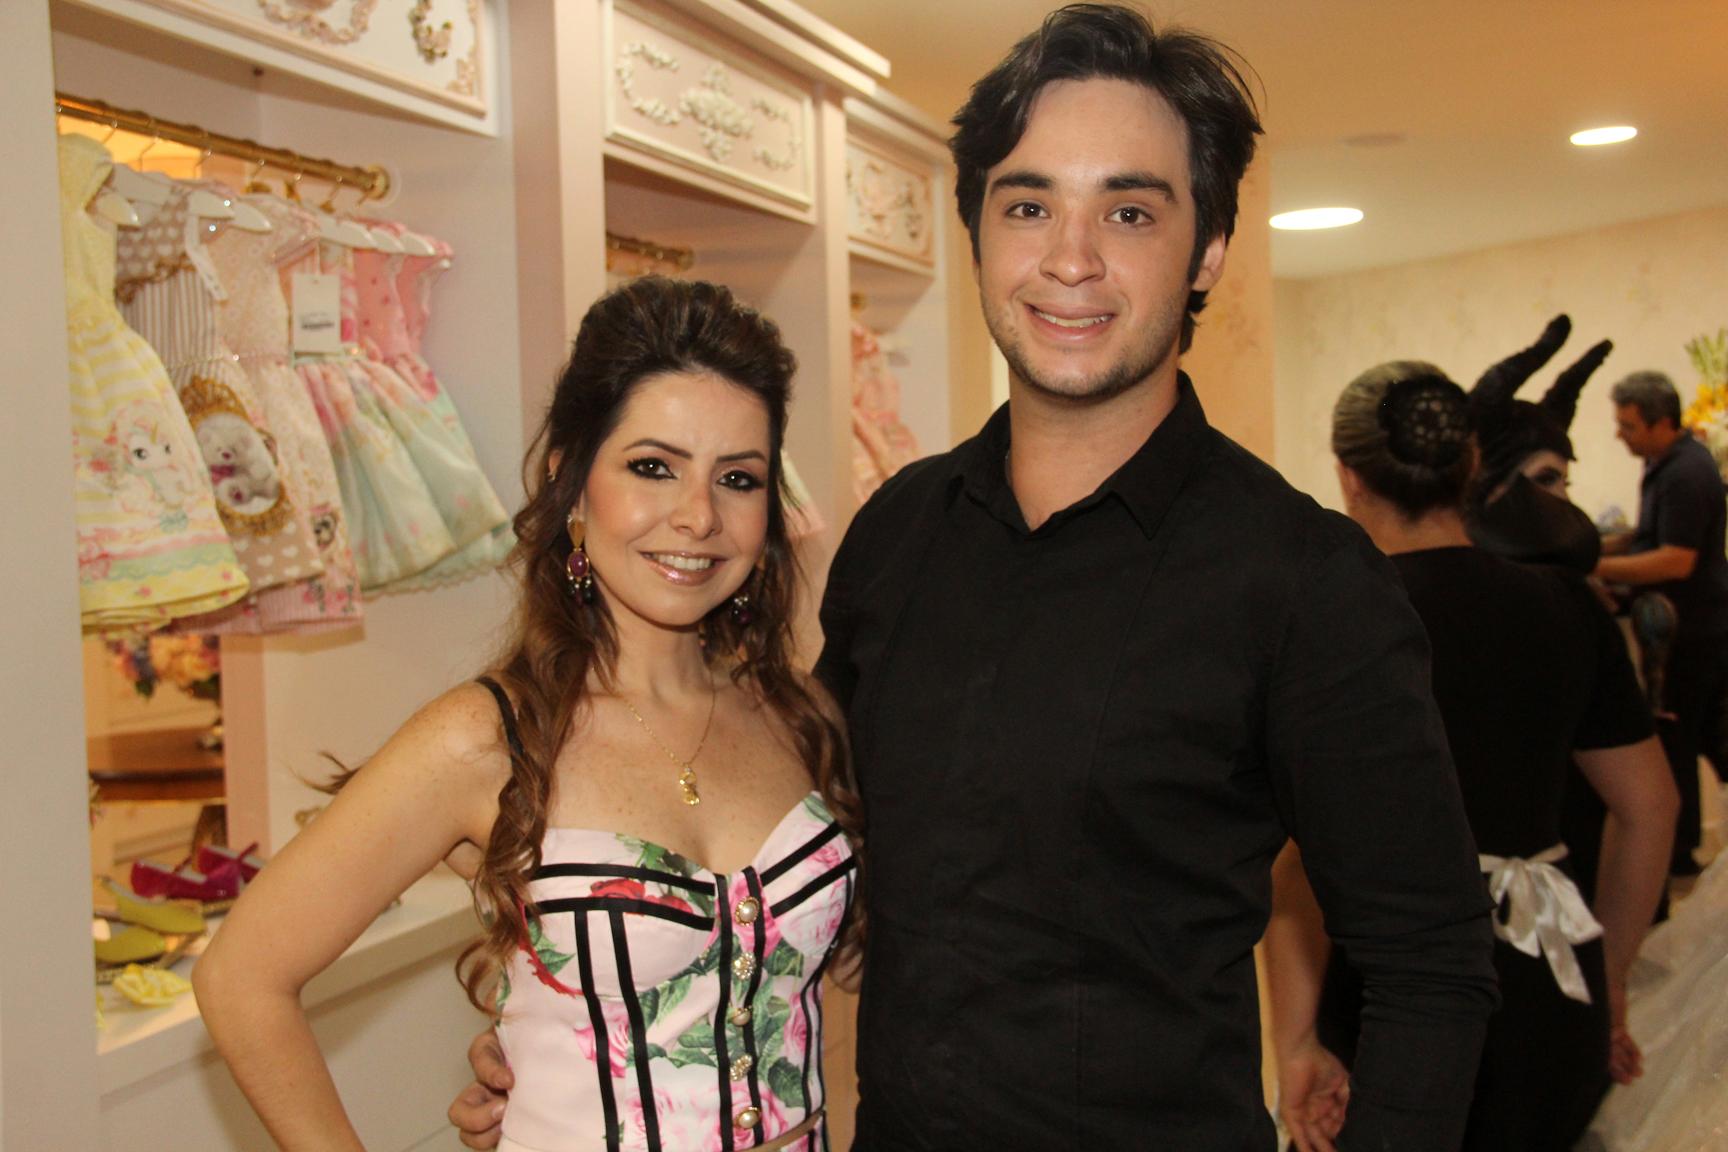 A empresária Ludmyla Vasconcelos inaugurou a nova sede da loja Amoreco. O empresário Layon Berigo organizou desfile com personagens da Disney.